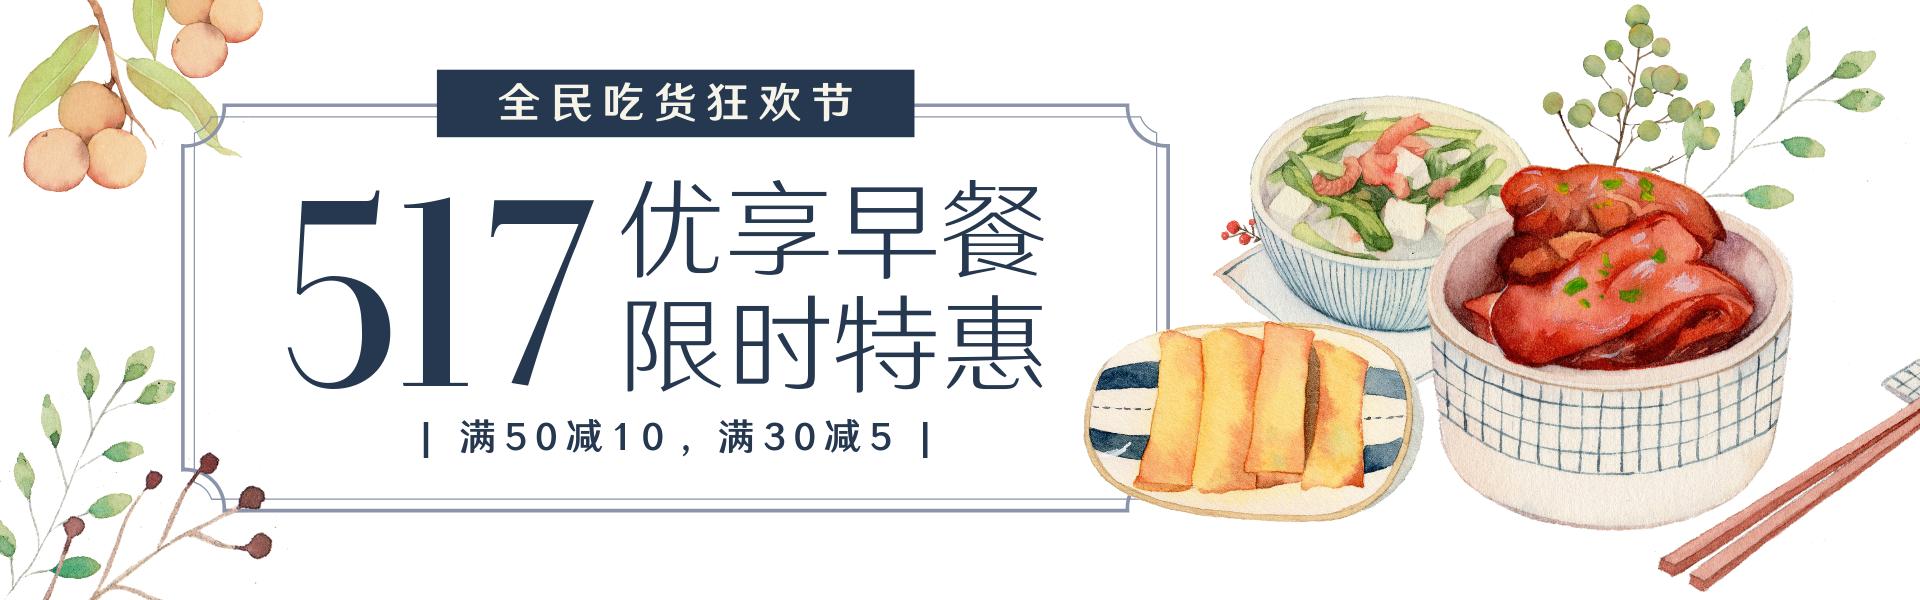 517吃货节banner